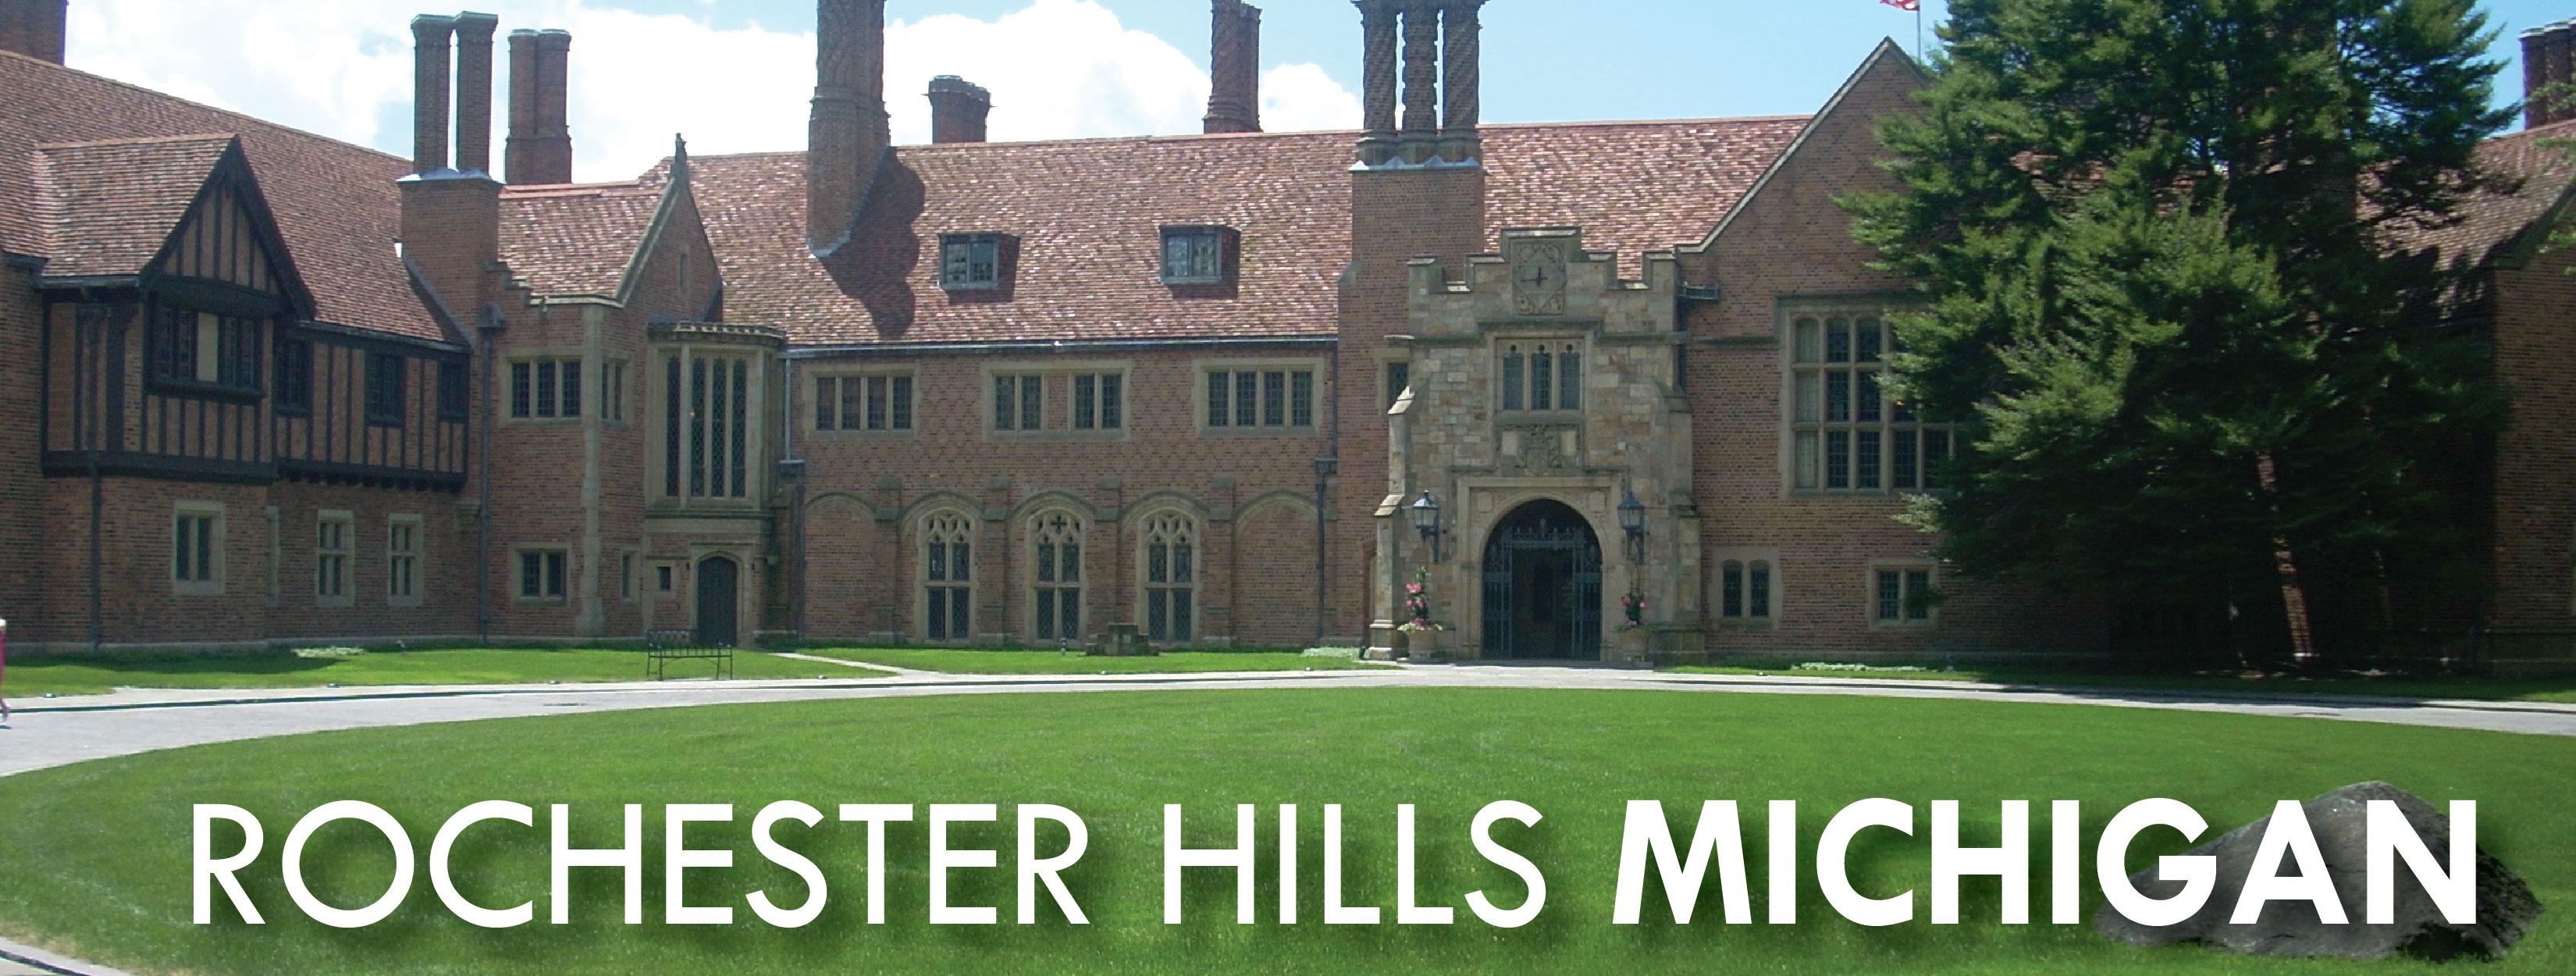 Rochester Hills